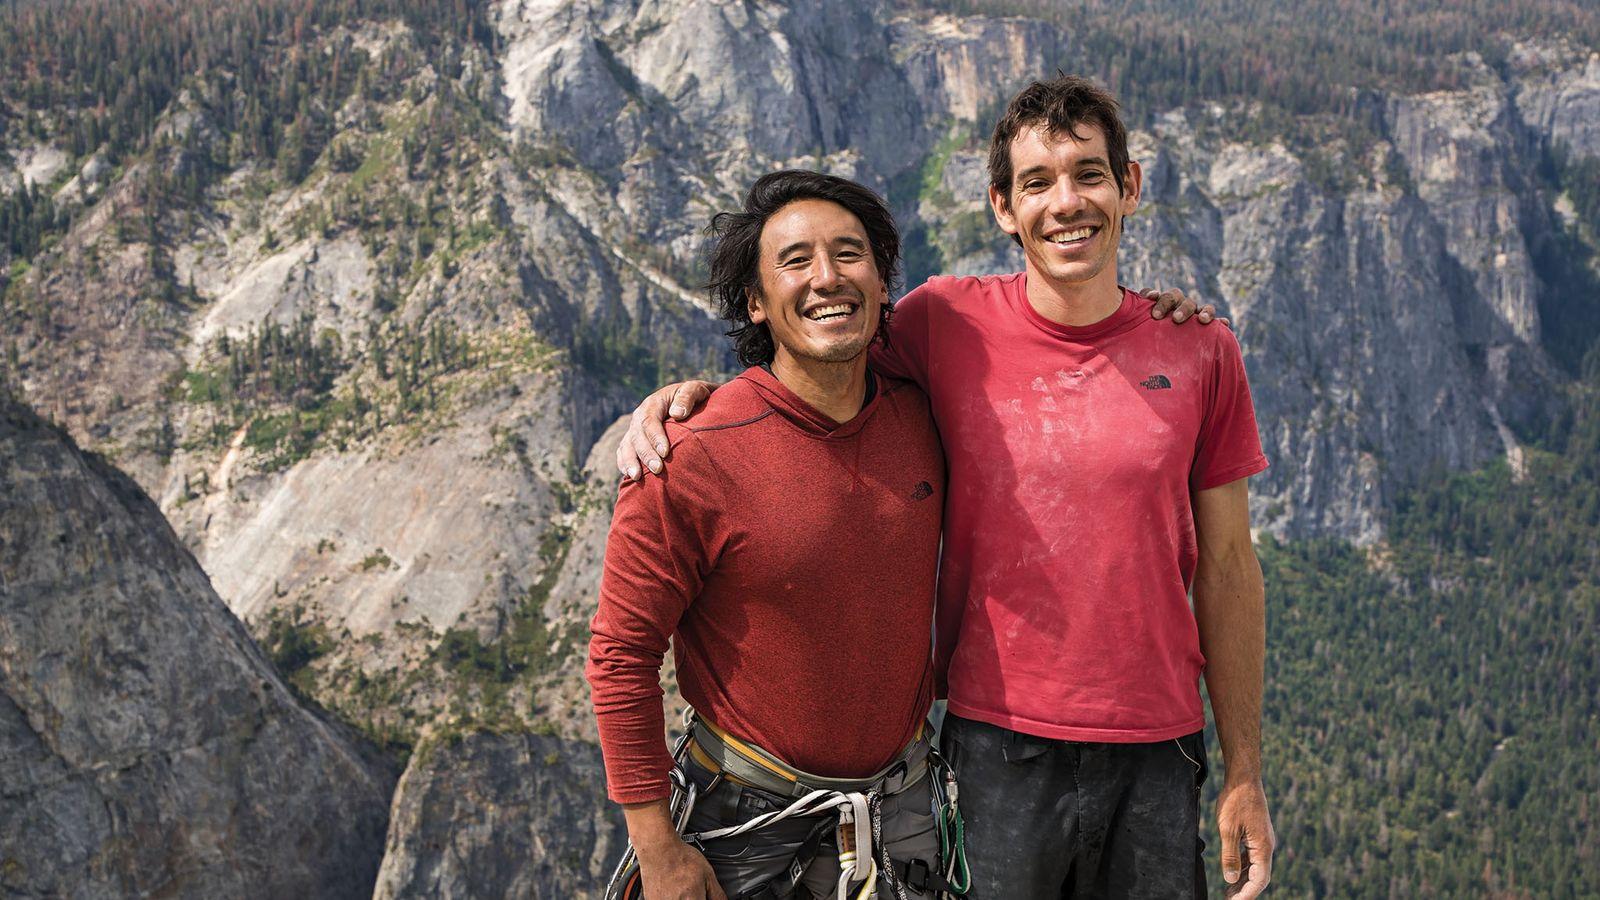 Chin e Honnold posam no pico do El Capitan, momentos depois de Honnold completar a  ...